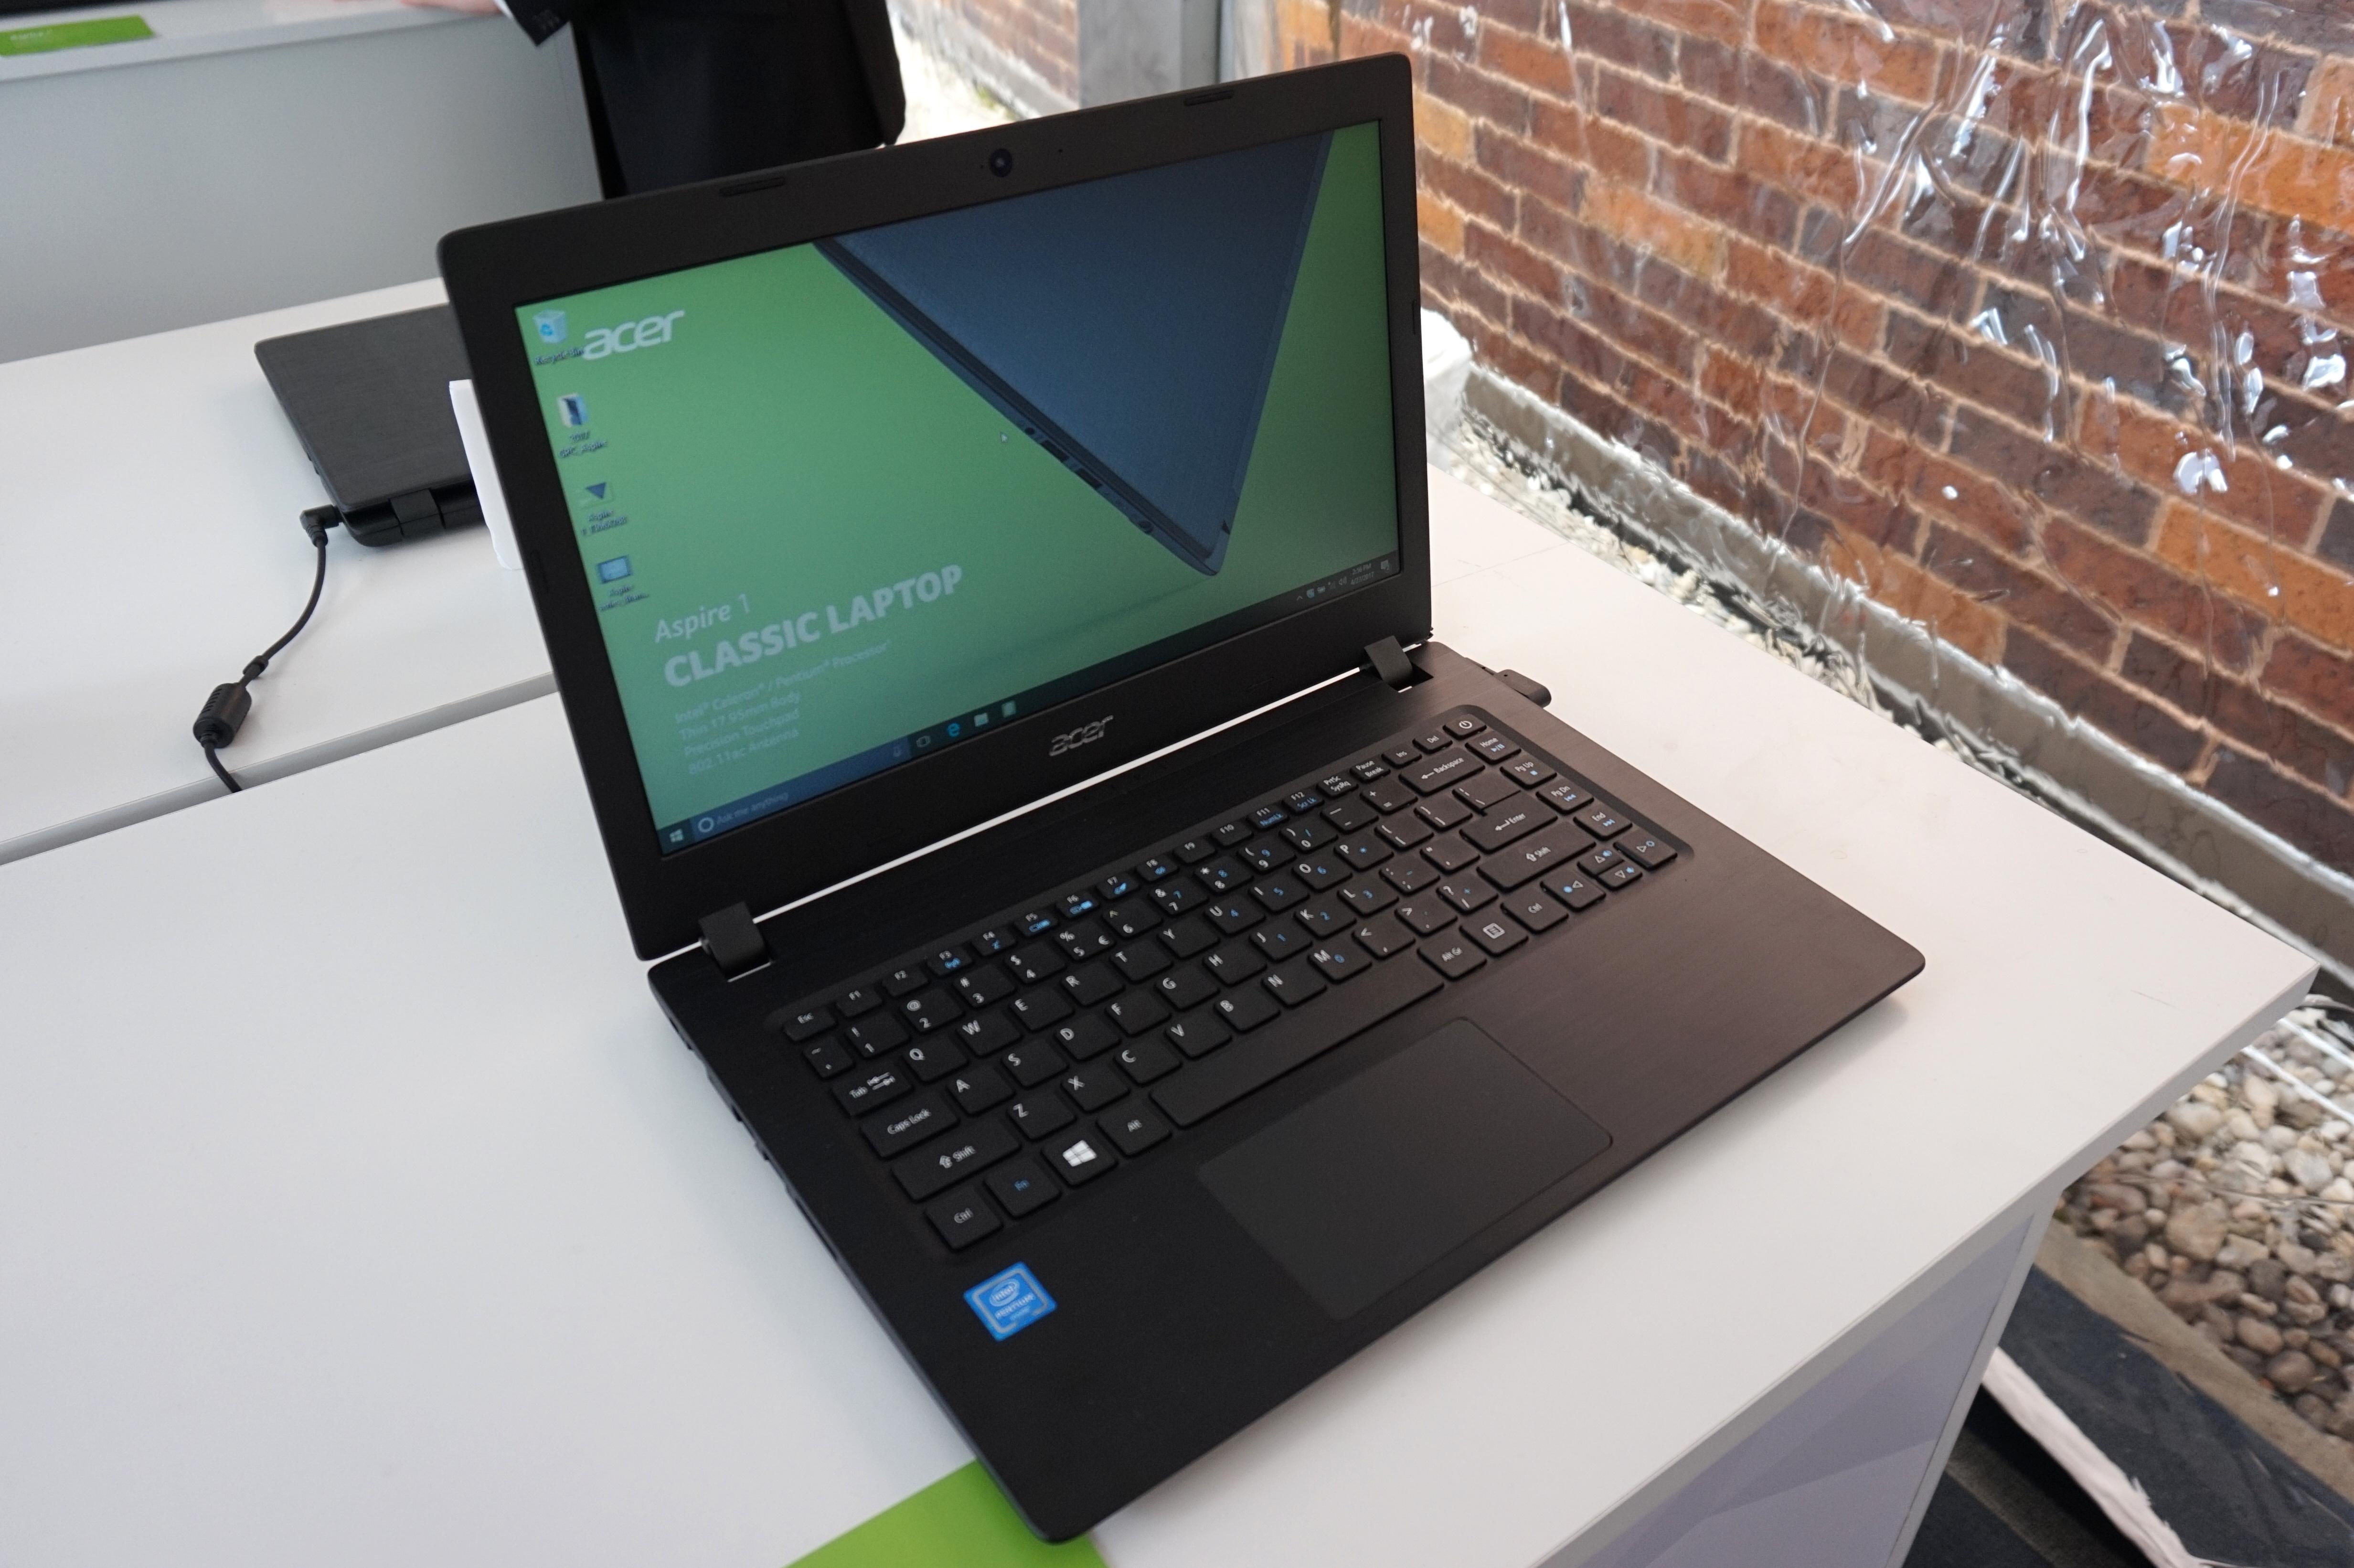 Acer Aspire 1 Tastatur Acer Aspire 1